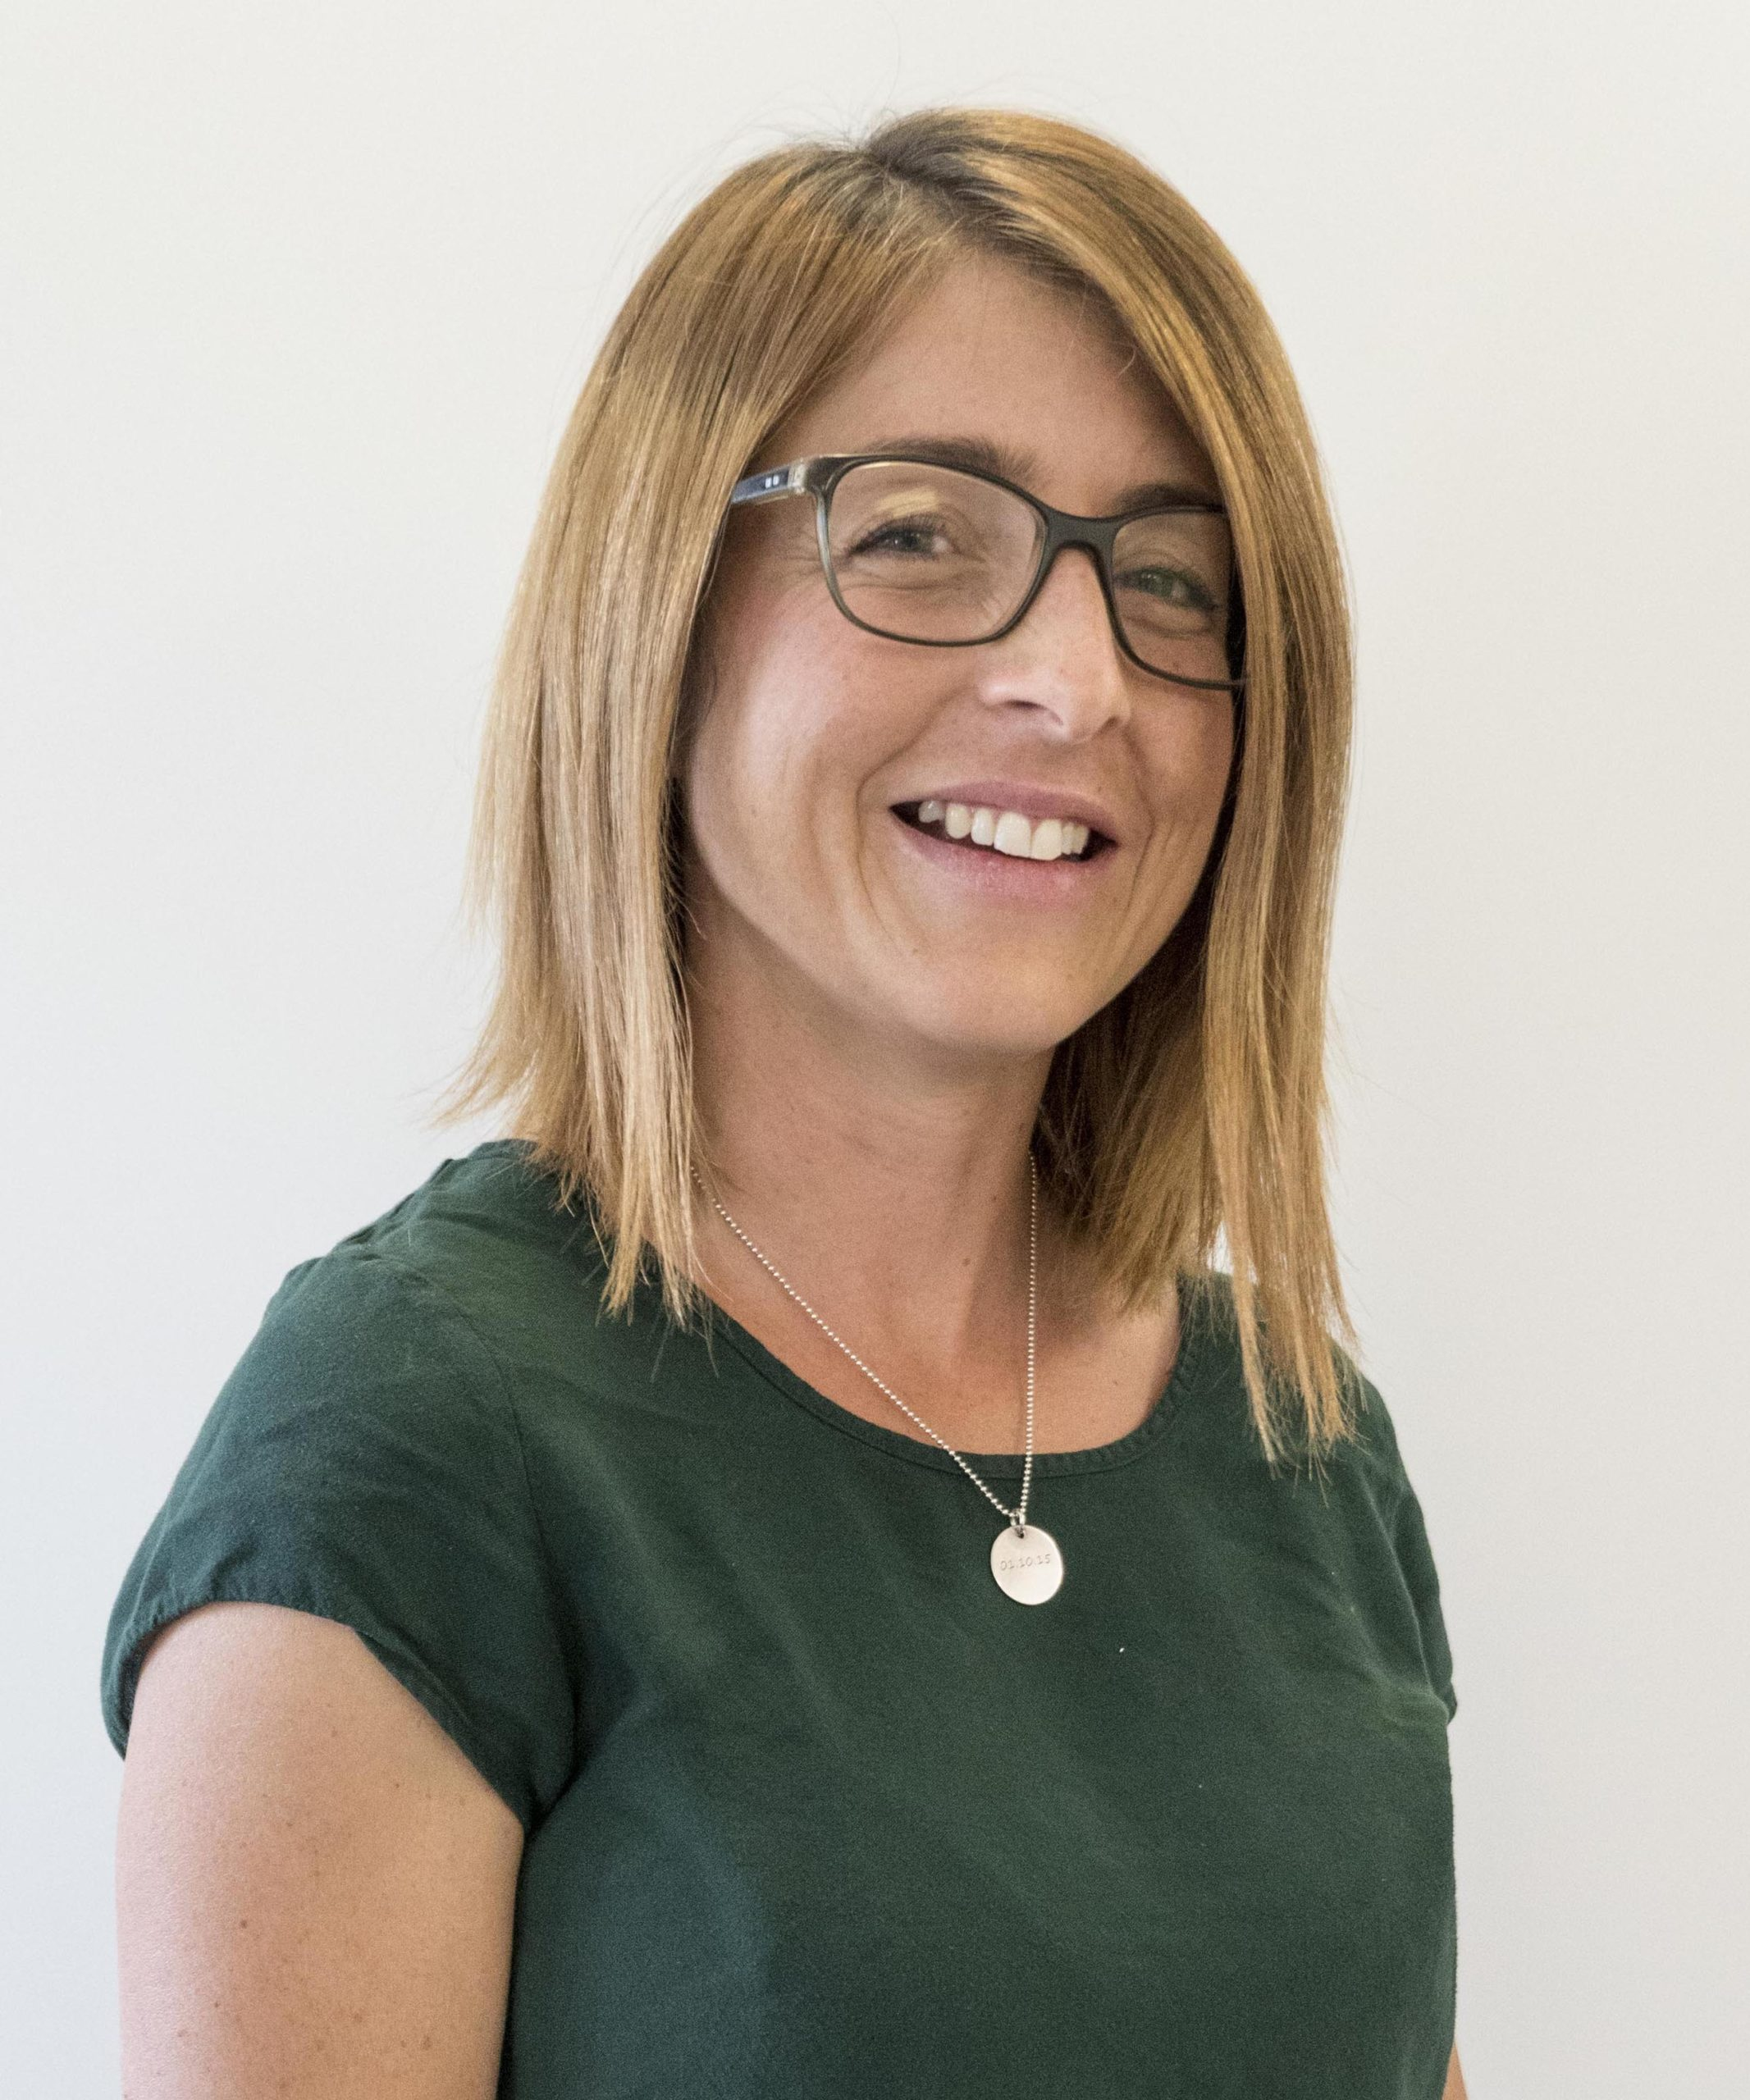 Sandra Schneider